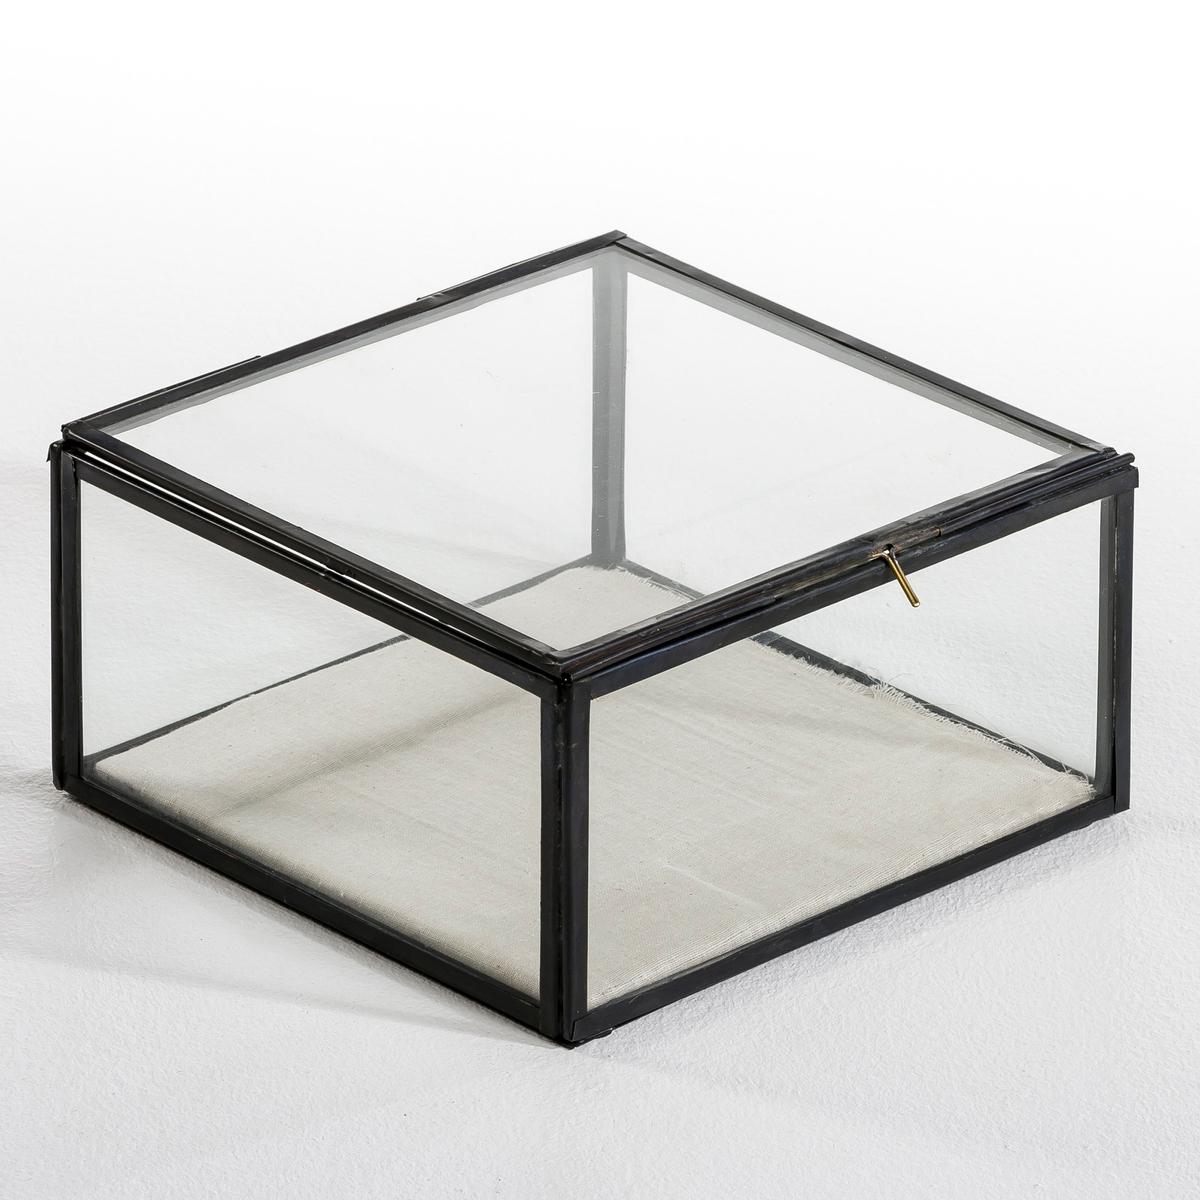 Коробка-витрина Misia, маленькая модель u7 широкий браслет часов реального позолоченные моды мужчин украшения оптовой новой модной уникальный 1 5 см 20 см звено цепи браслеты